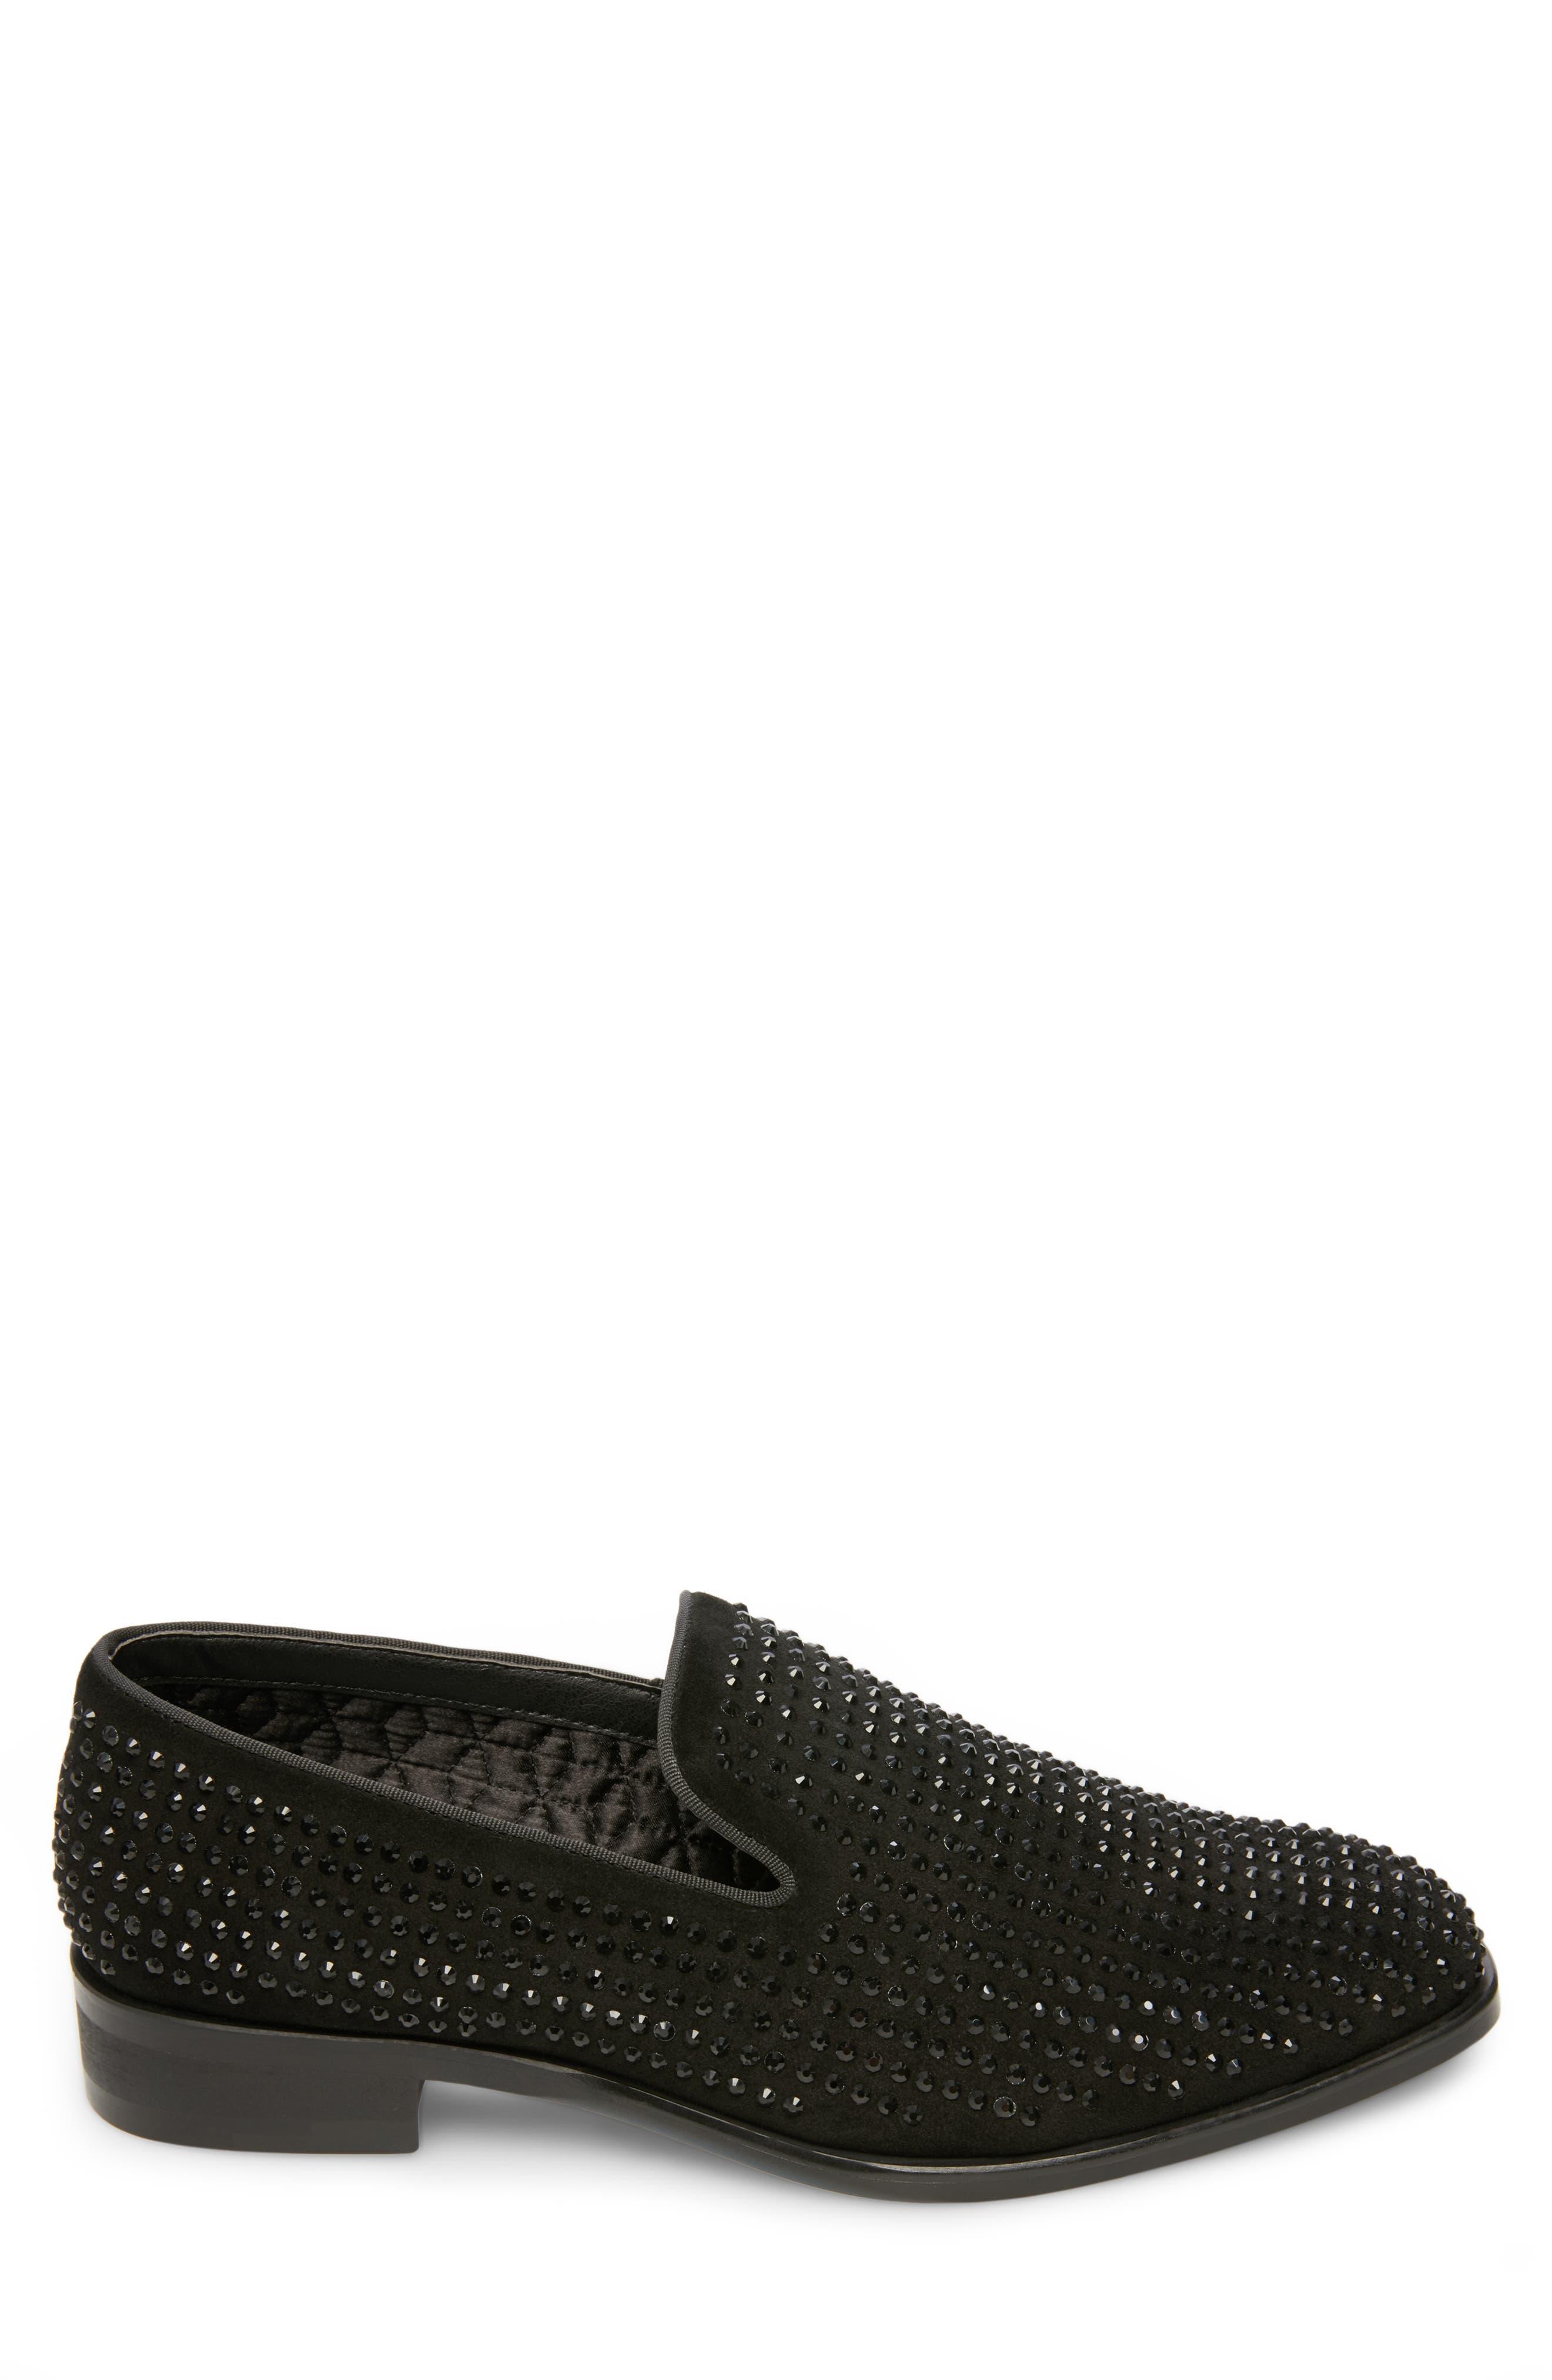 Falsetto Studded Venetian Loafer,                             Alternate thumbnail 3, color,                             BLACK